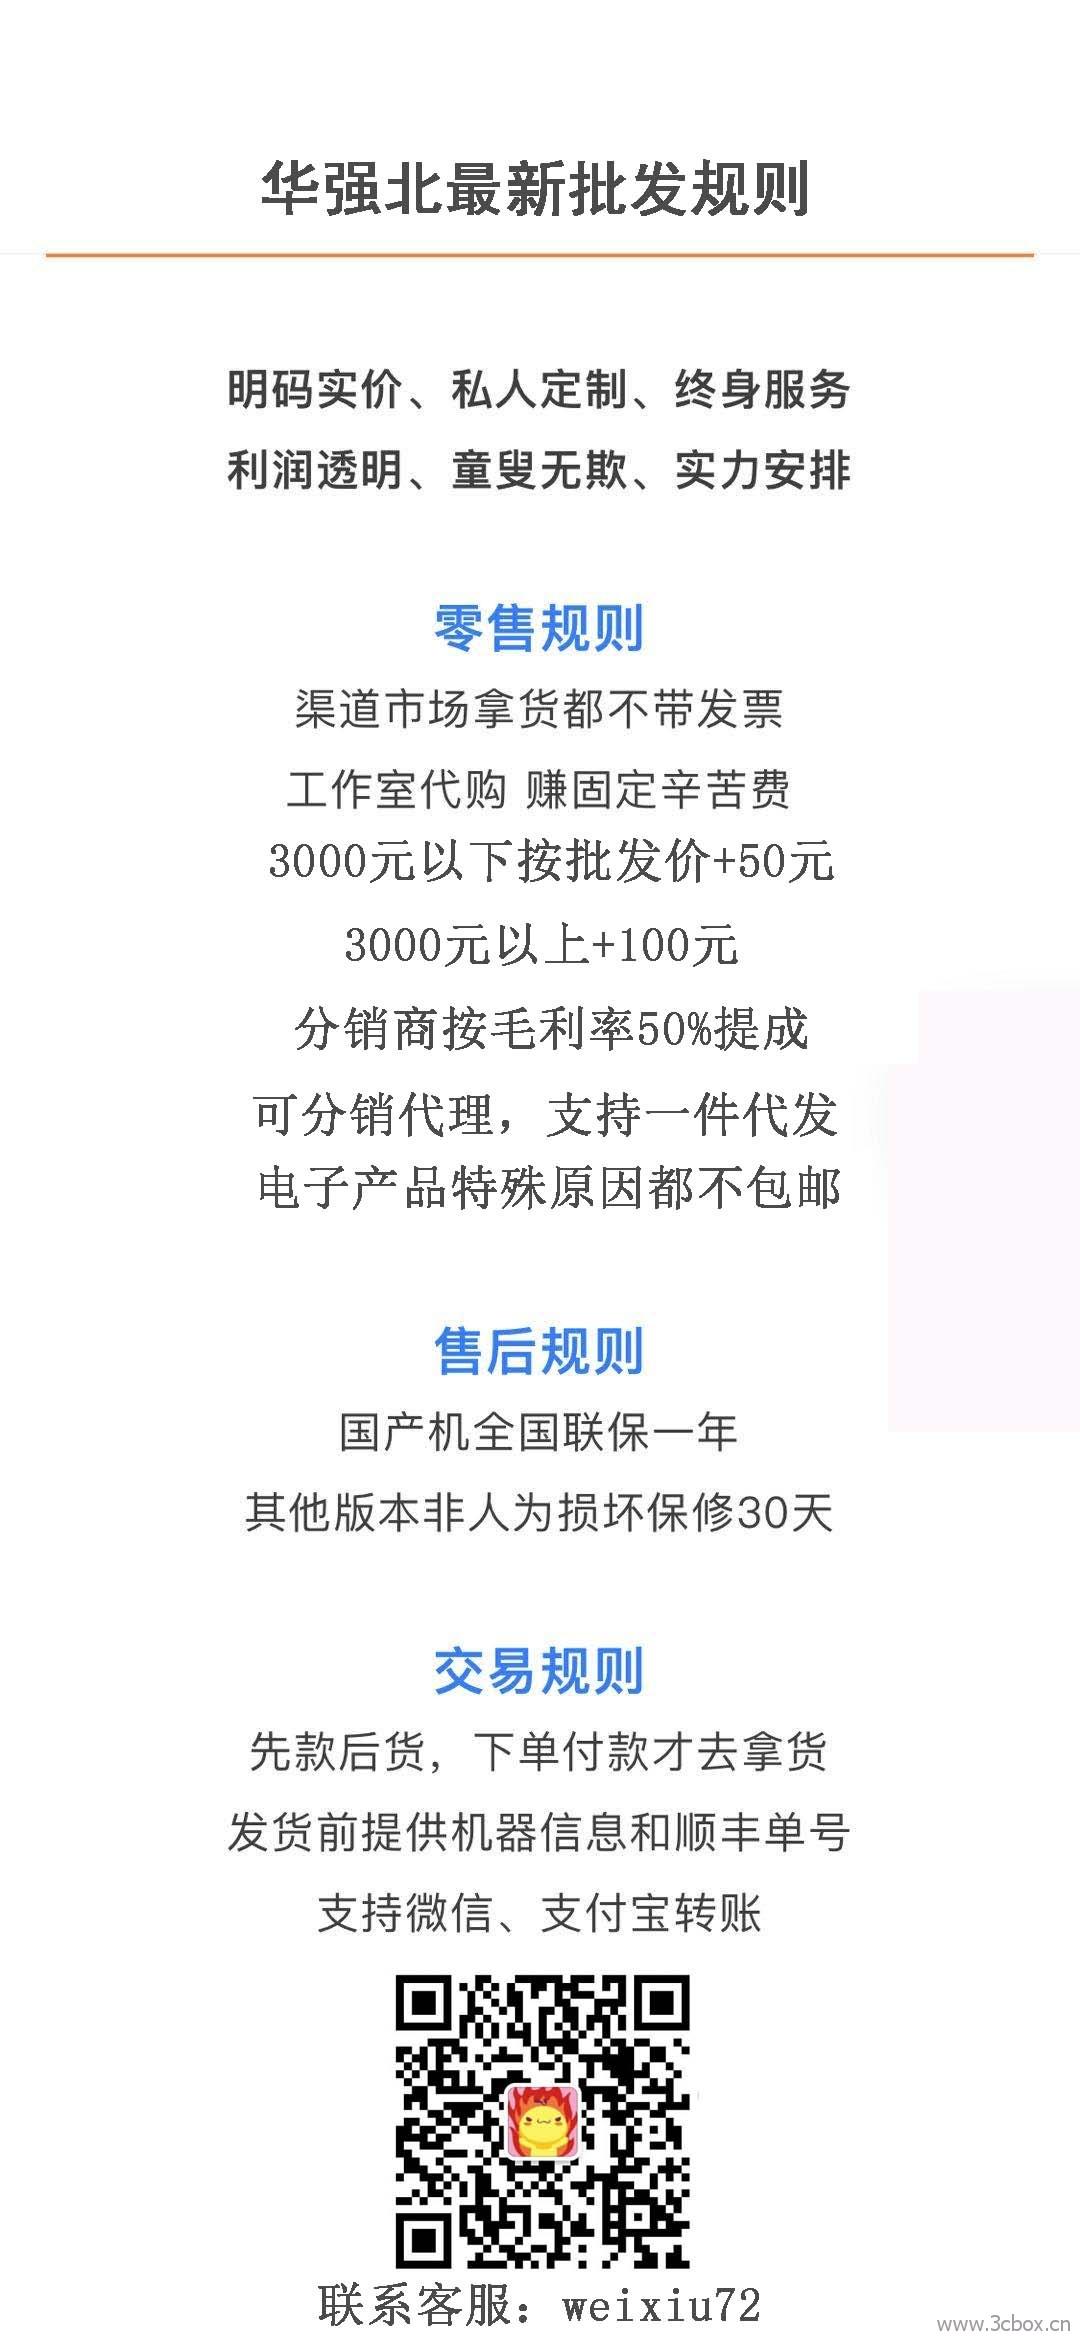 维修狮旗下山猫潮品,正品手机分销、代理:苹果、华为、小米、OPPO、VIVO批发报价1.4